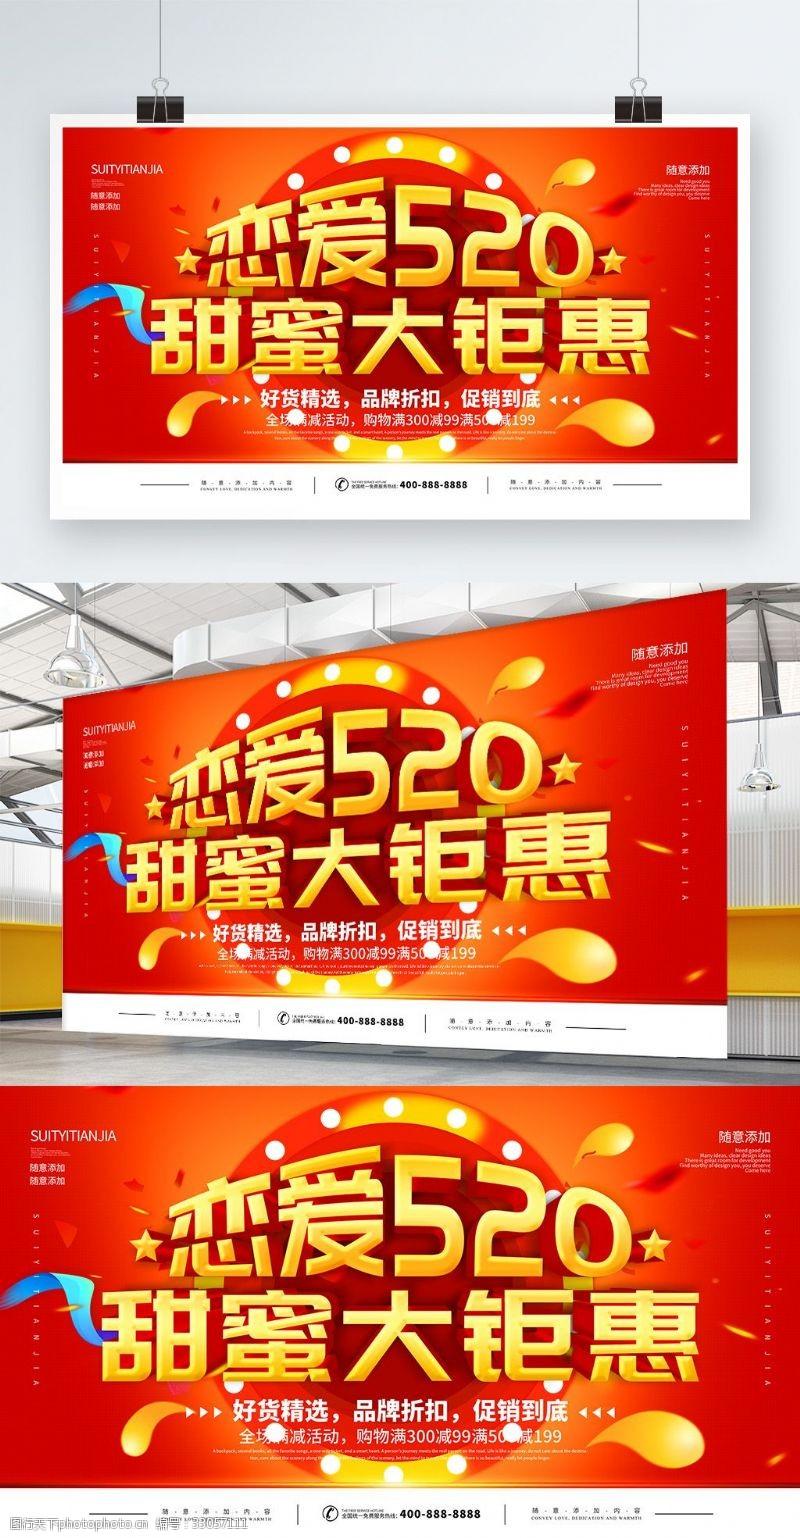 簡約紅色立體字戀愛520促銷宣傳展板